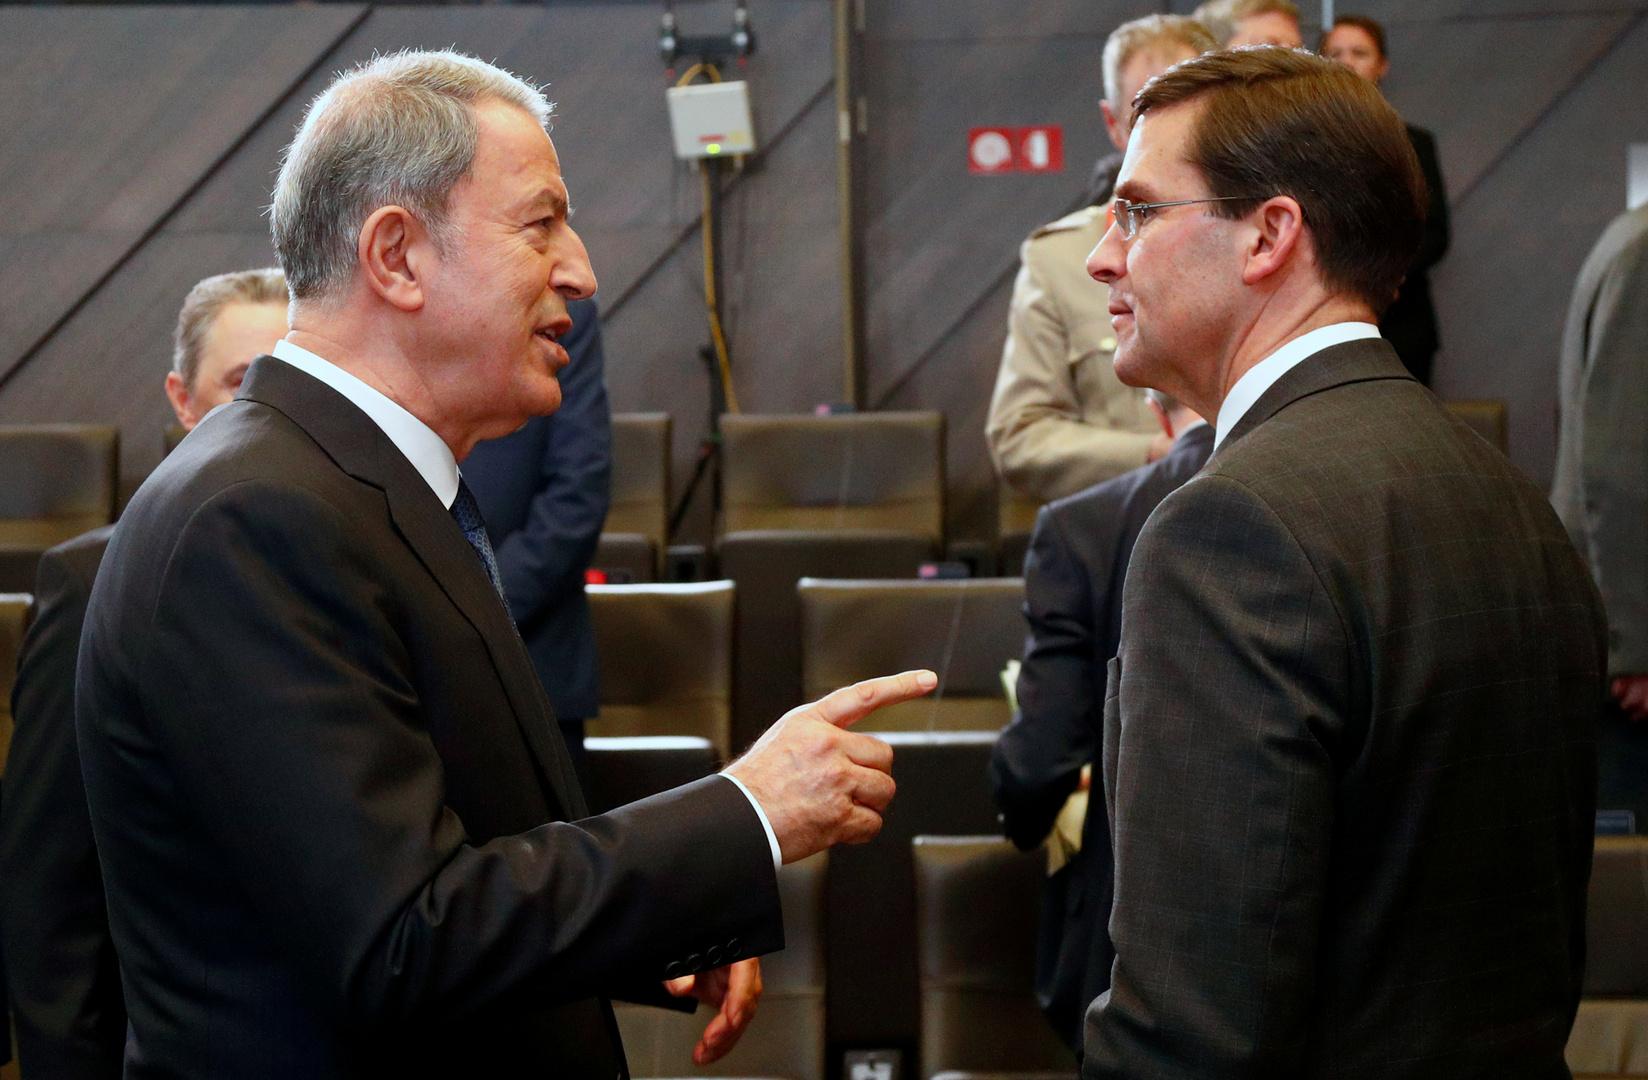 تركيا تدعو الولايات المتحدة والناتو لمنحها دعما ملموسا وسط التصعيد مع الجيش السوري